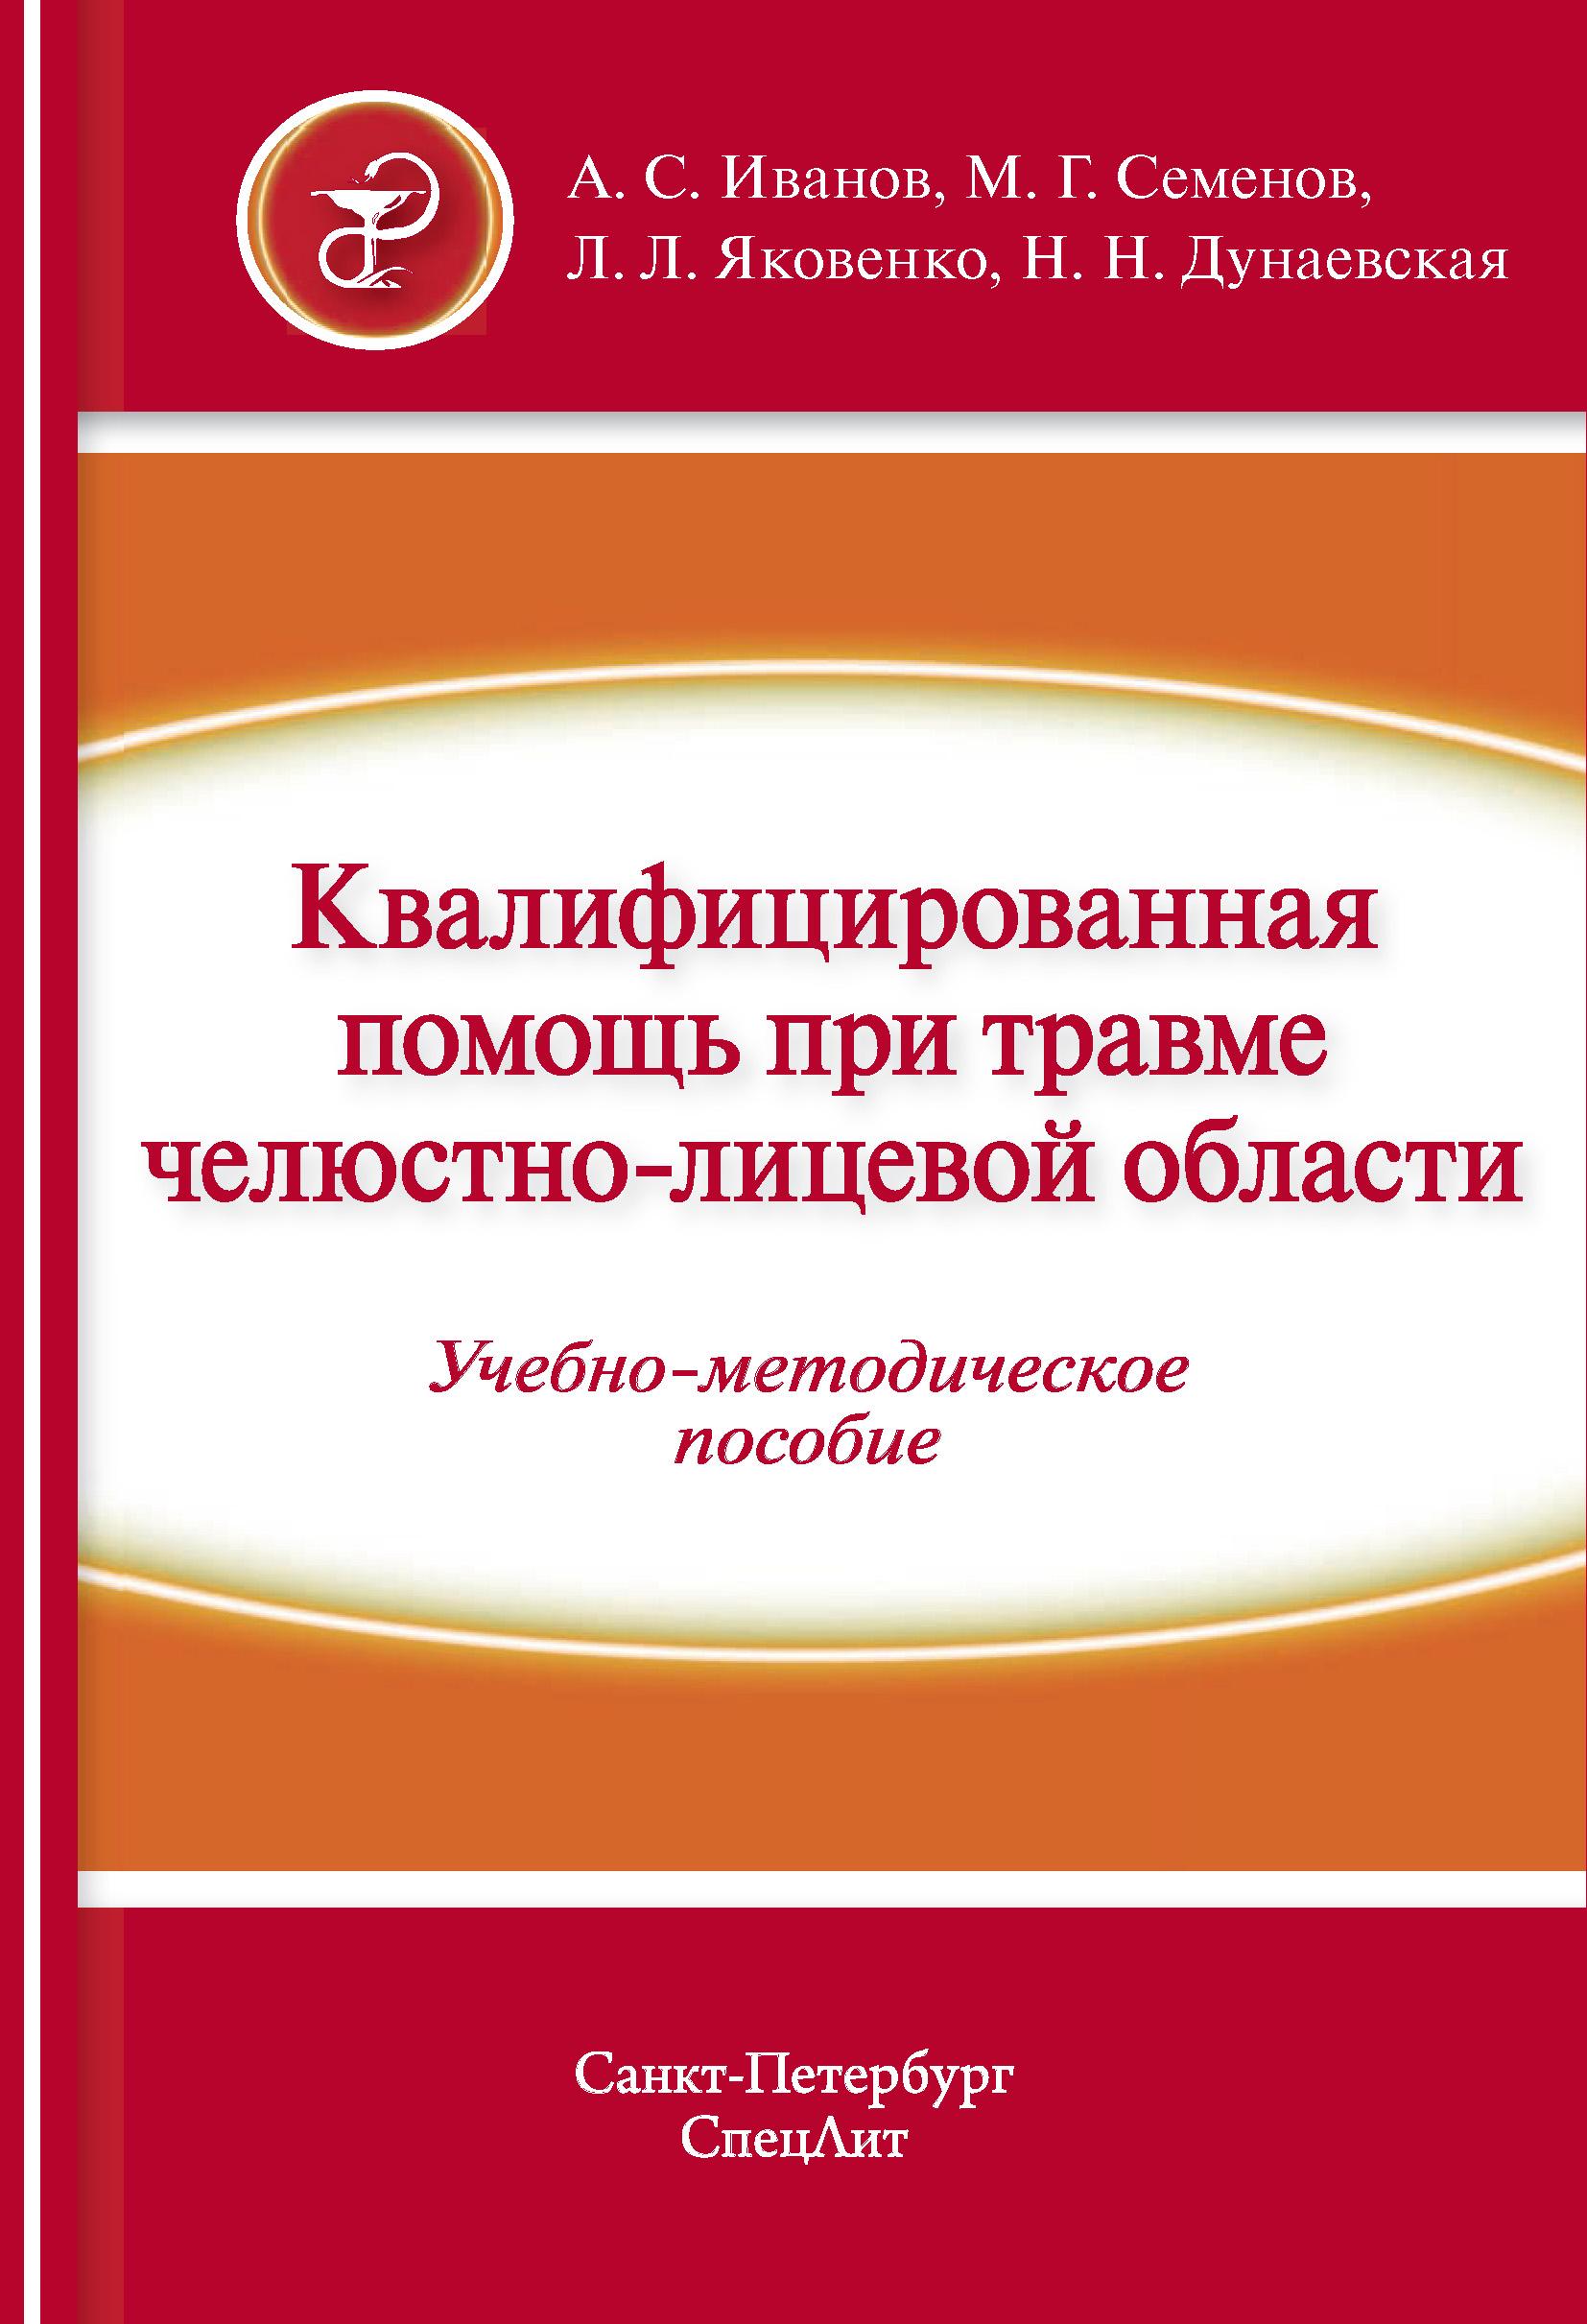 цена на А. С. Иванов Квалифицированная помощь при травме челюстно-лицевой области. Часть 1